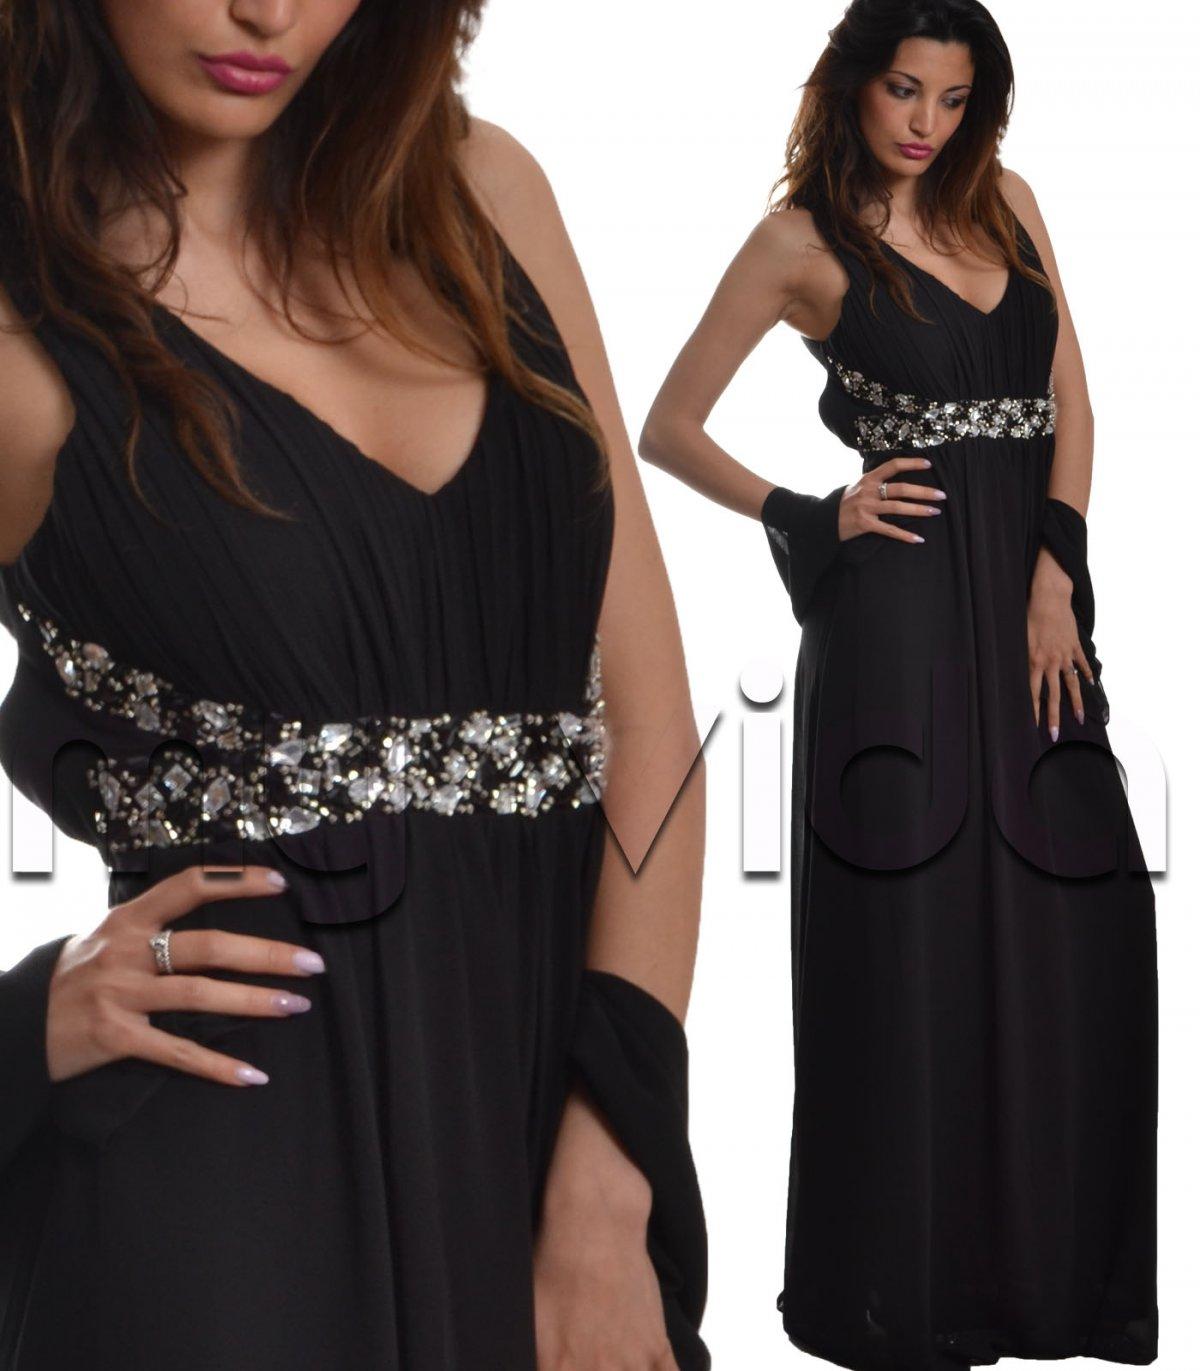 2b1e86eb5a53 Abito da sera lungo donna vestito femminile nero schiena scoperta ...